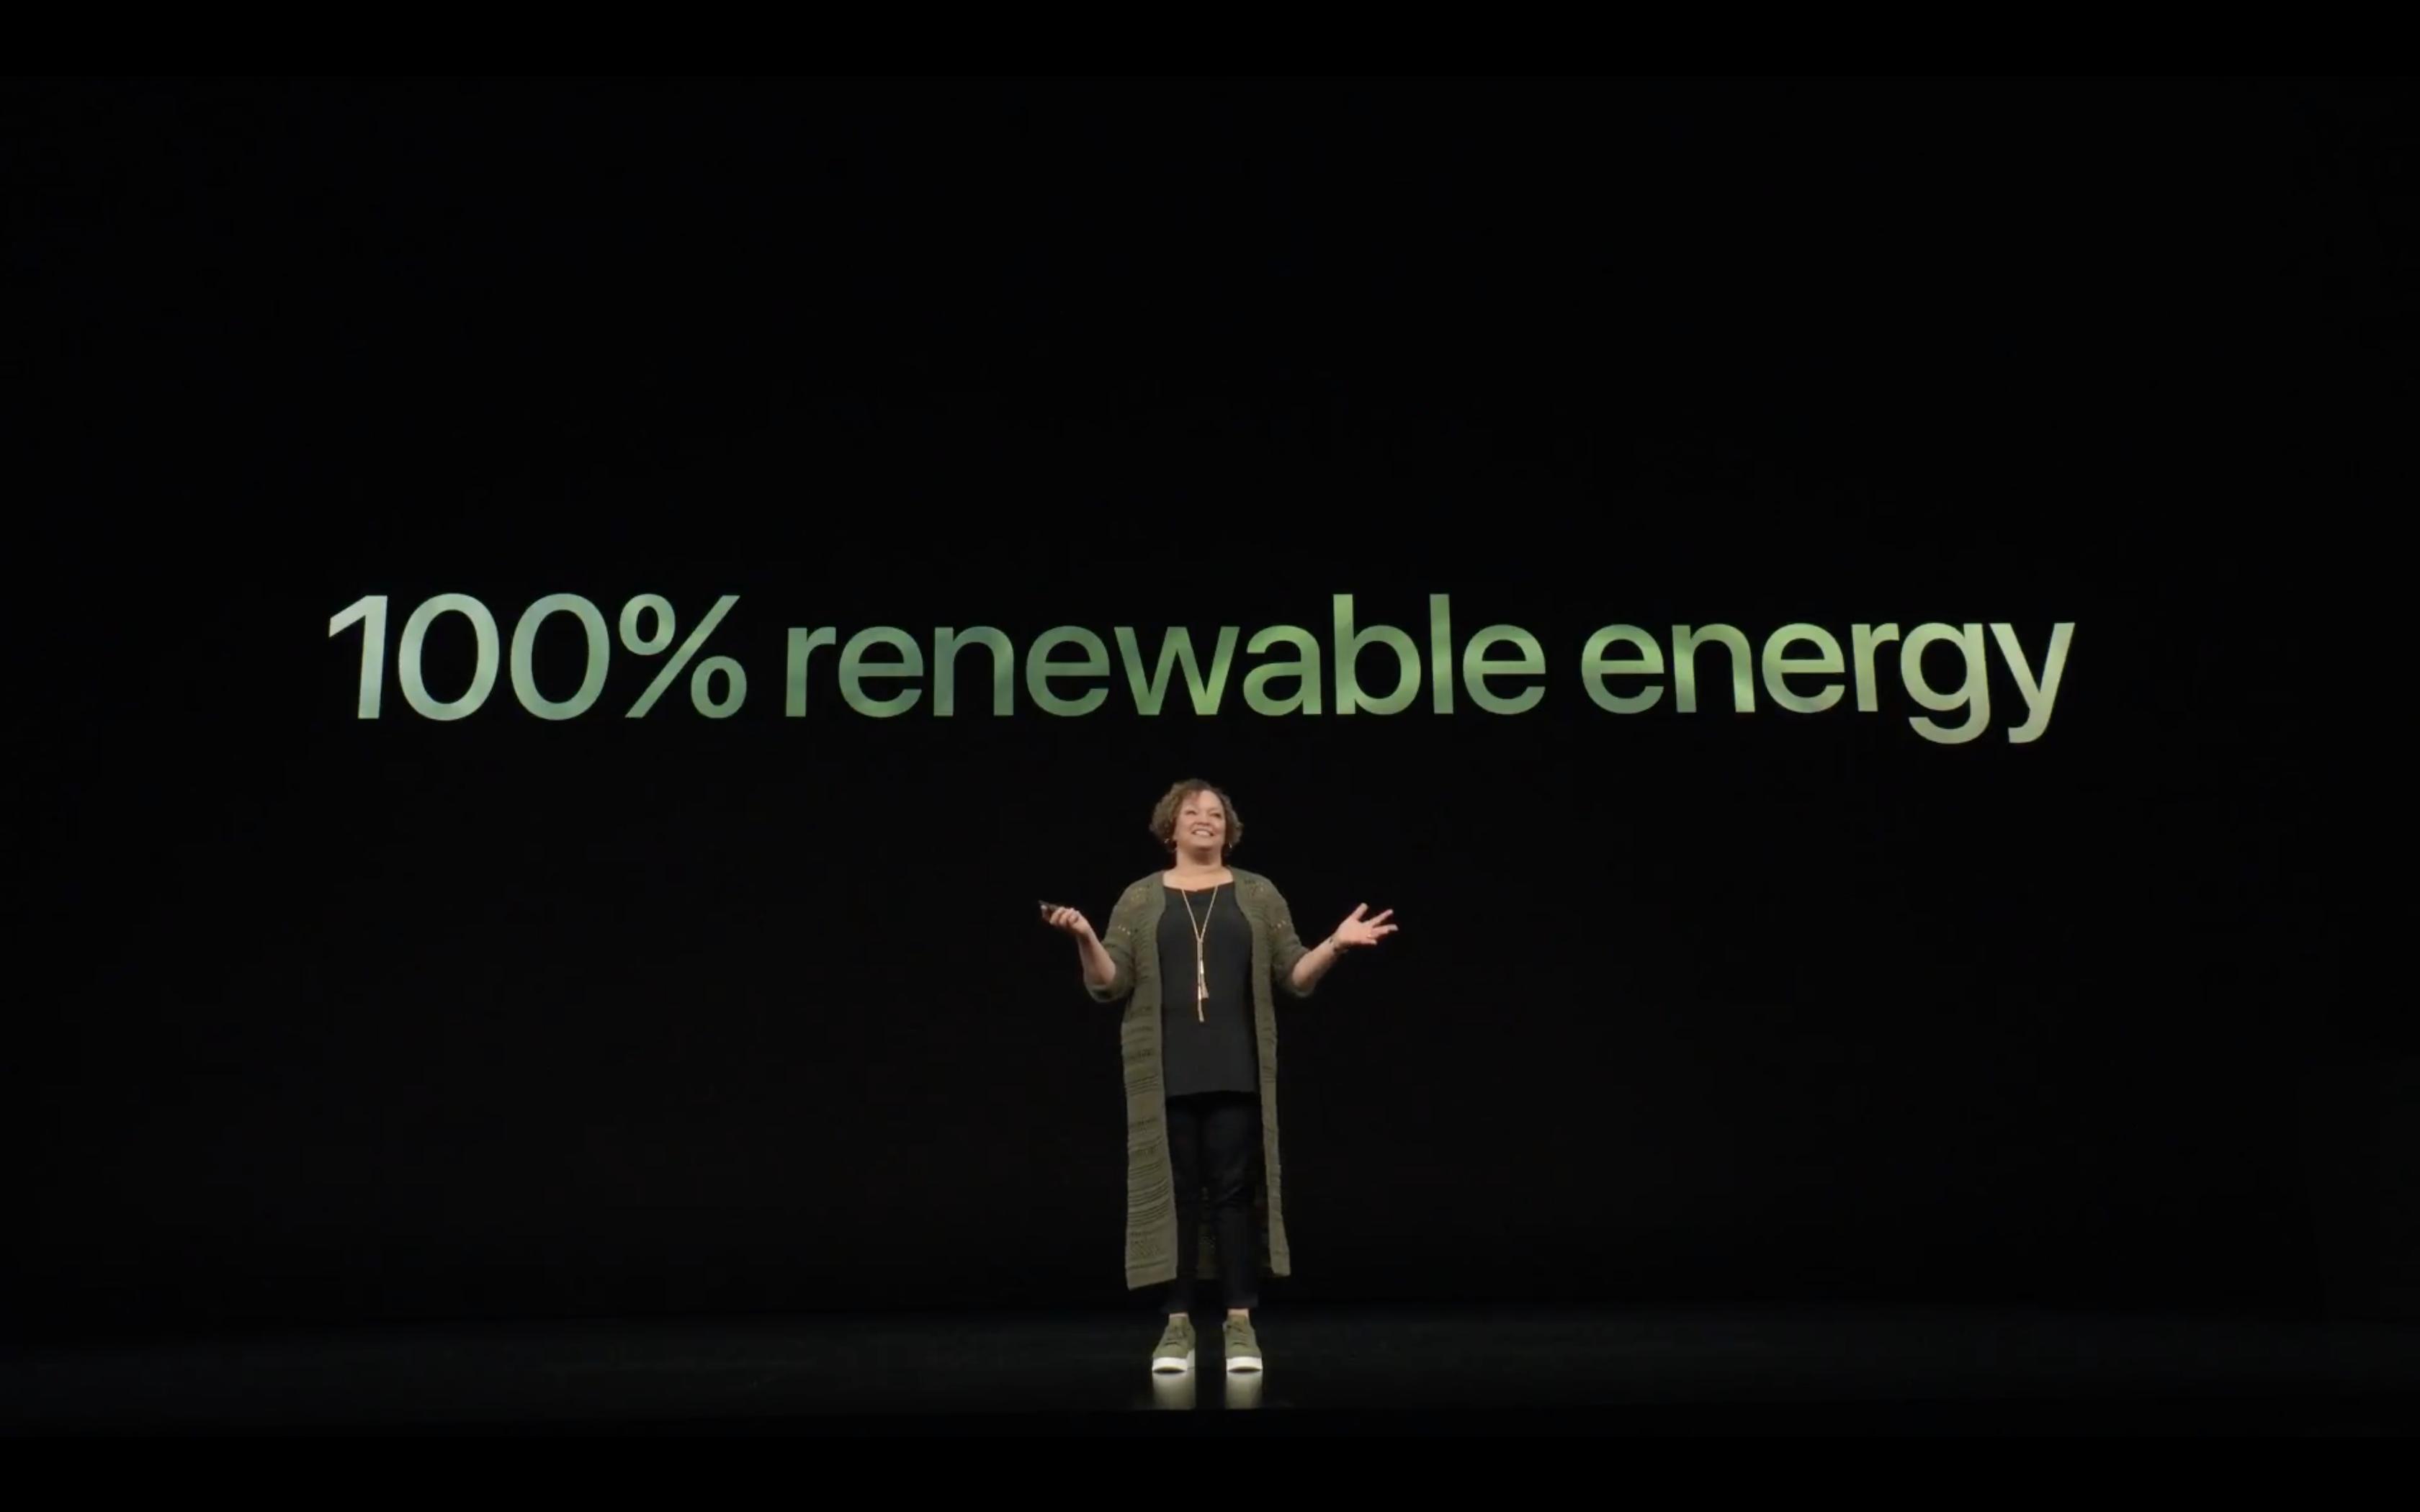 https://www.macfreak.nl/modules/news/images/zArt.LisaJacksonHundredPercentRenewableEnergy.png